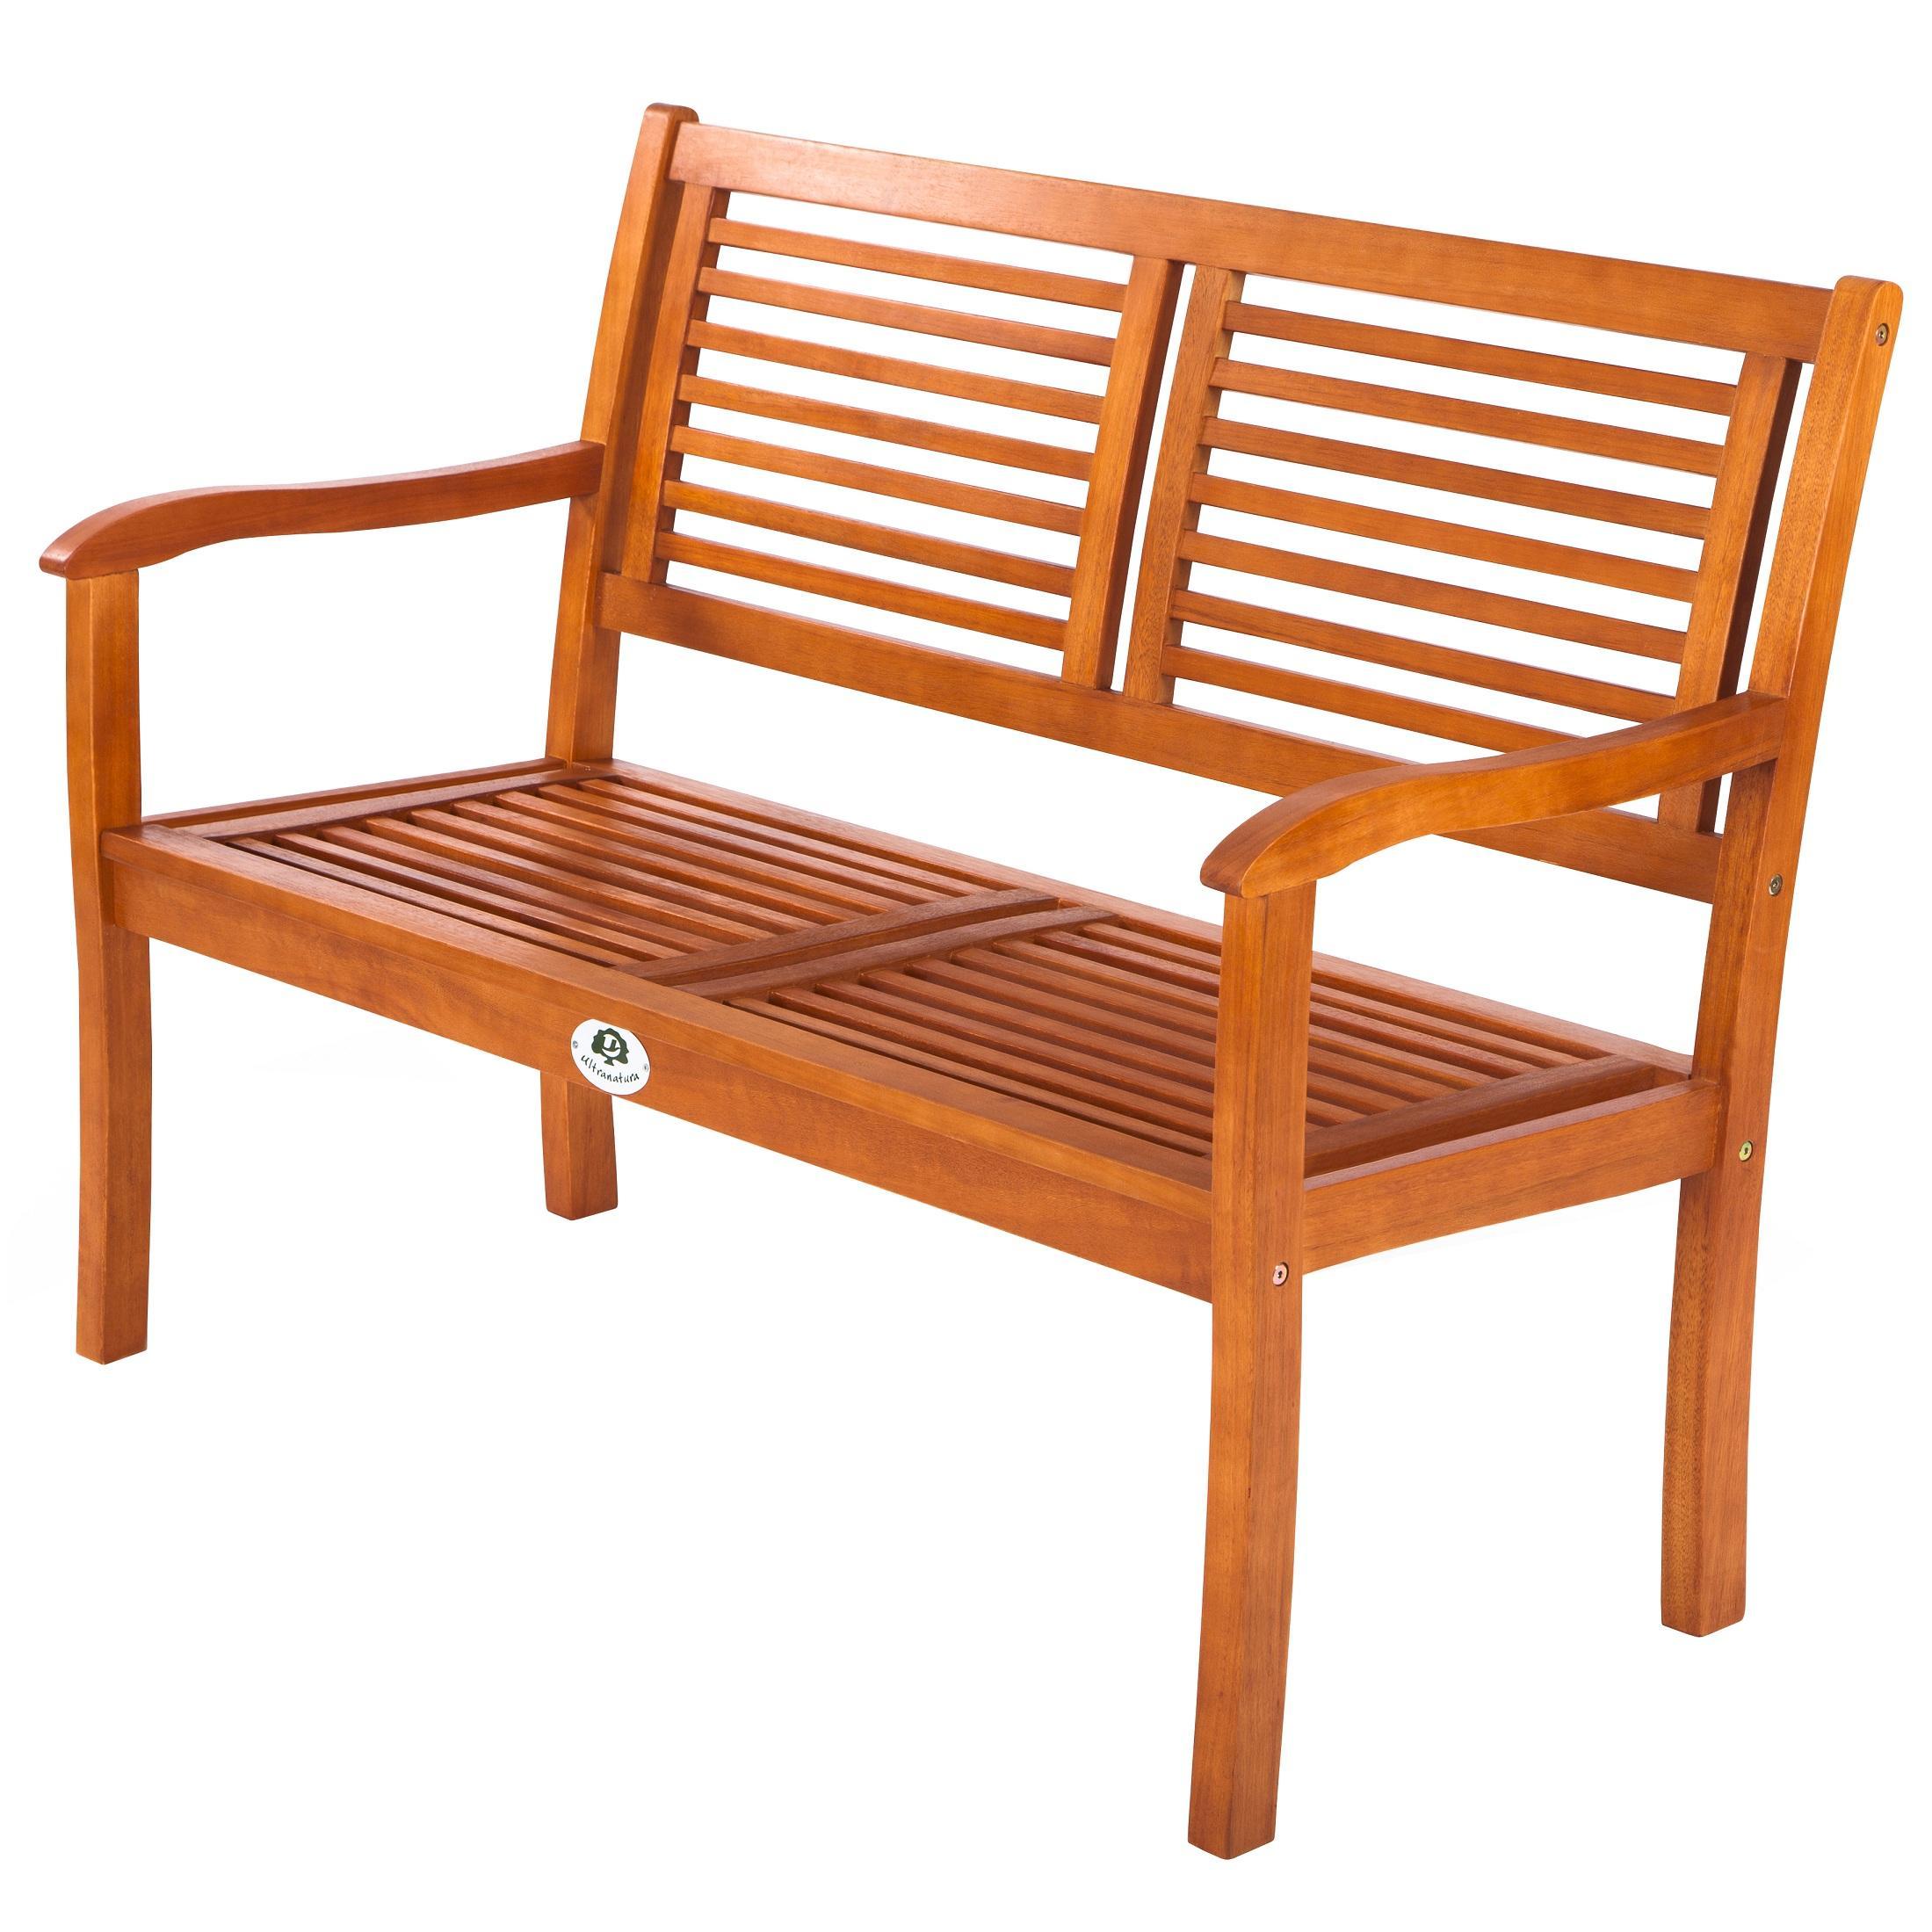 Gartenbank Holz Zertifiziert ~ Ultranatura Gartenbank 2 Sitzer, Canberra Serie  Edles & Hochwertiges